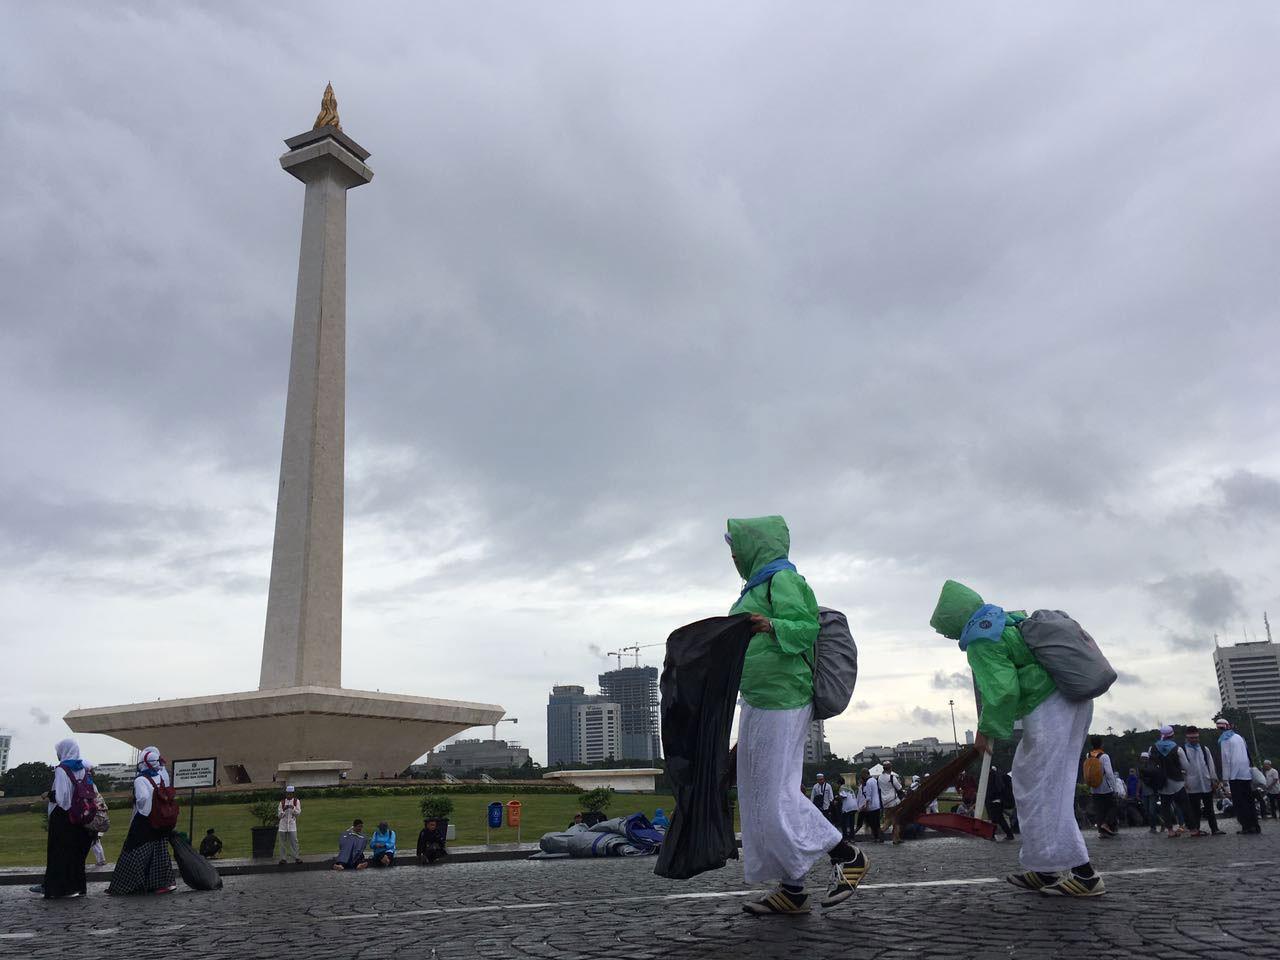 Dec. 2 rally participants leave site clean